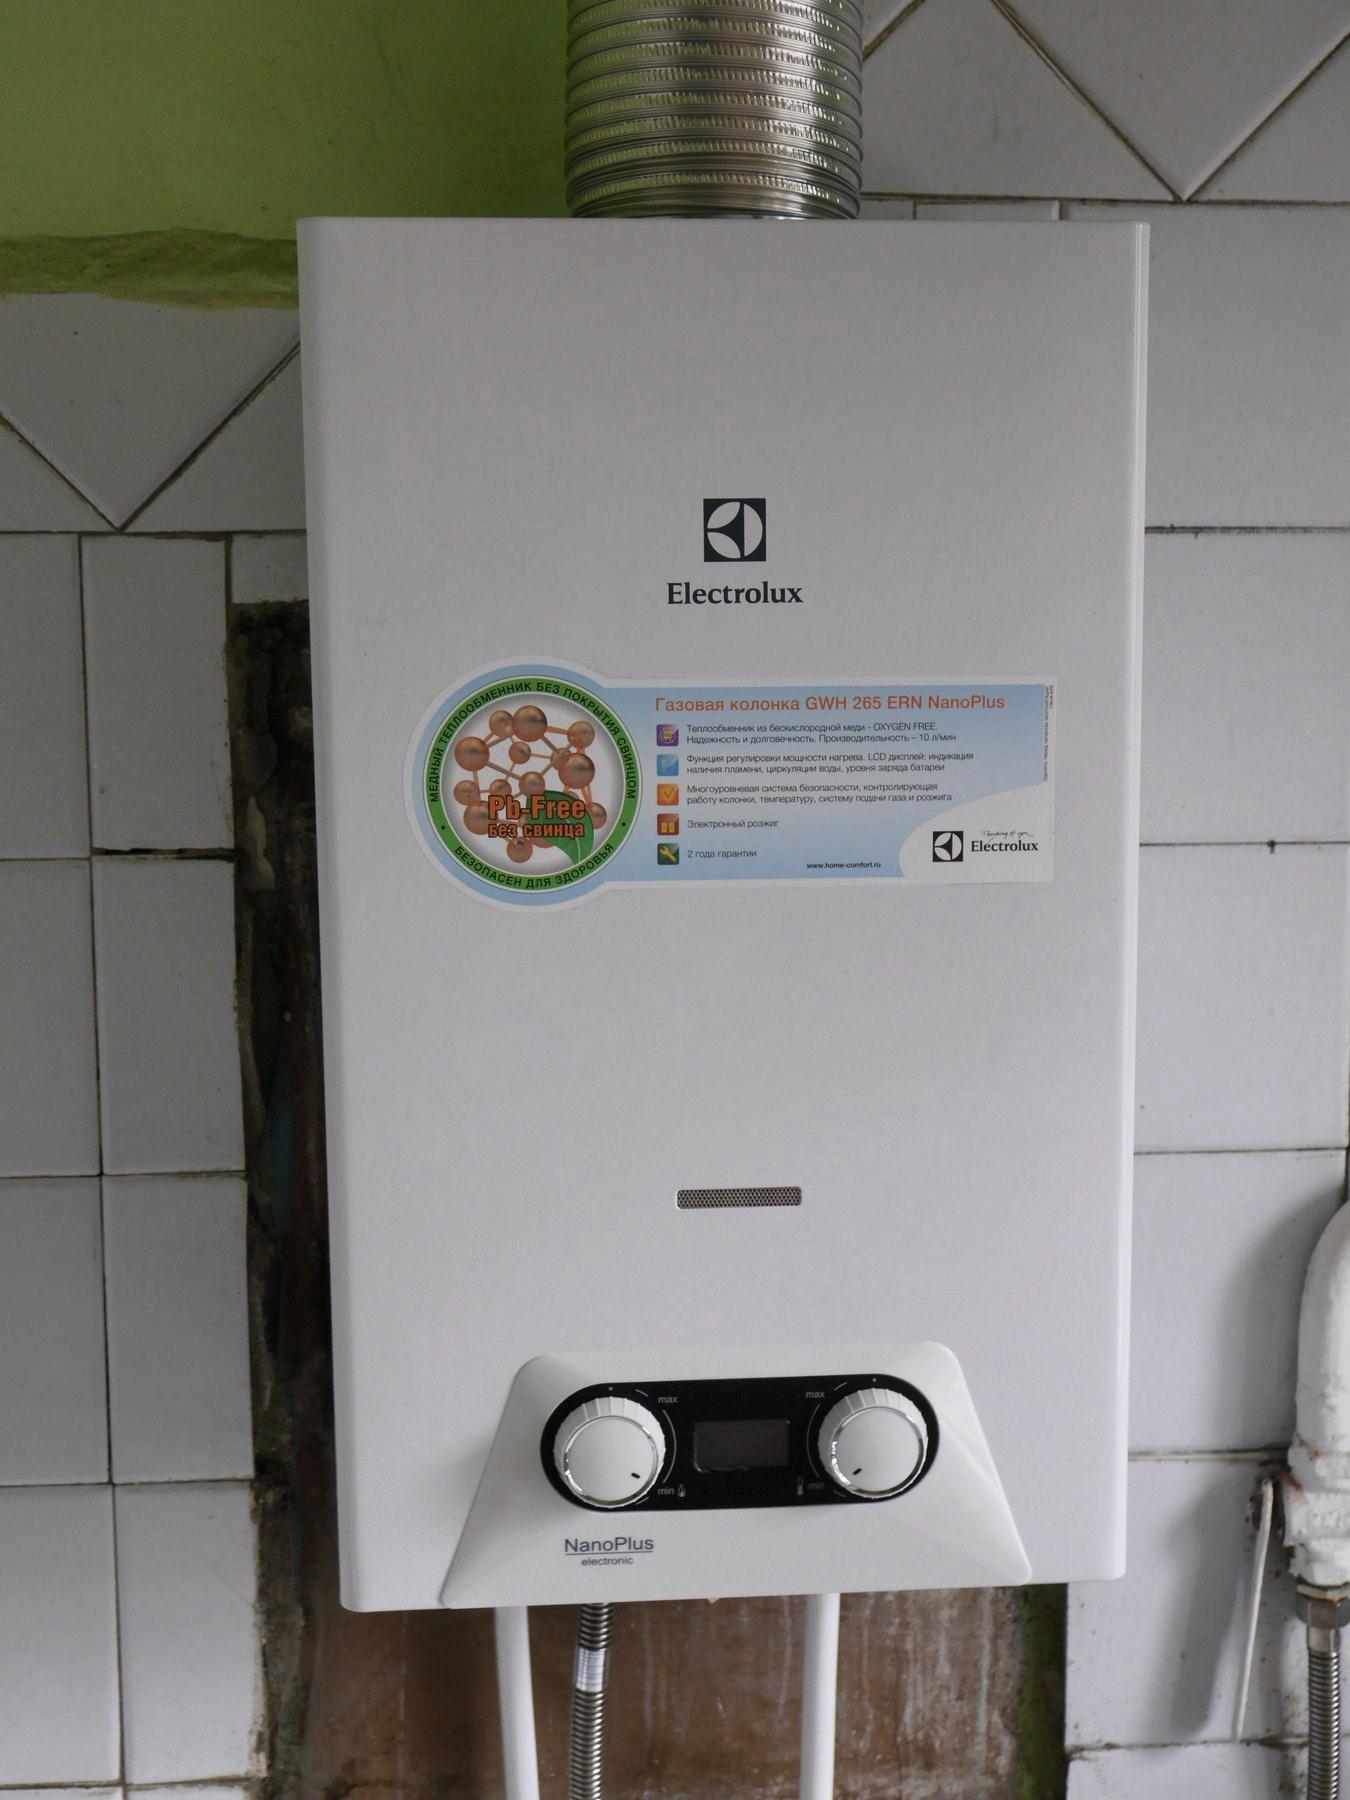 Купить теплообменник от газовой колонки электролюкс в интернет магазине теплообменник данфосс россия